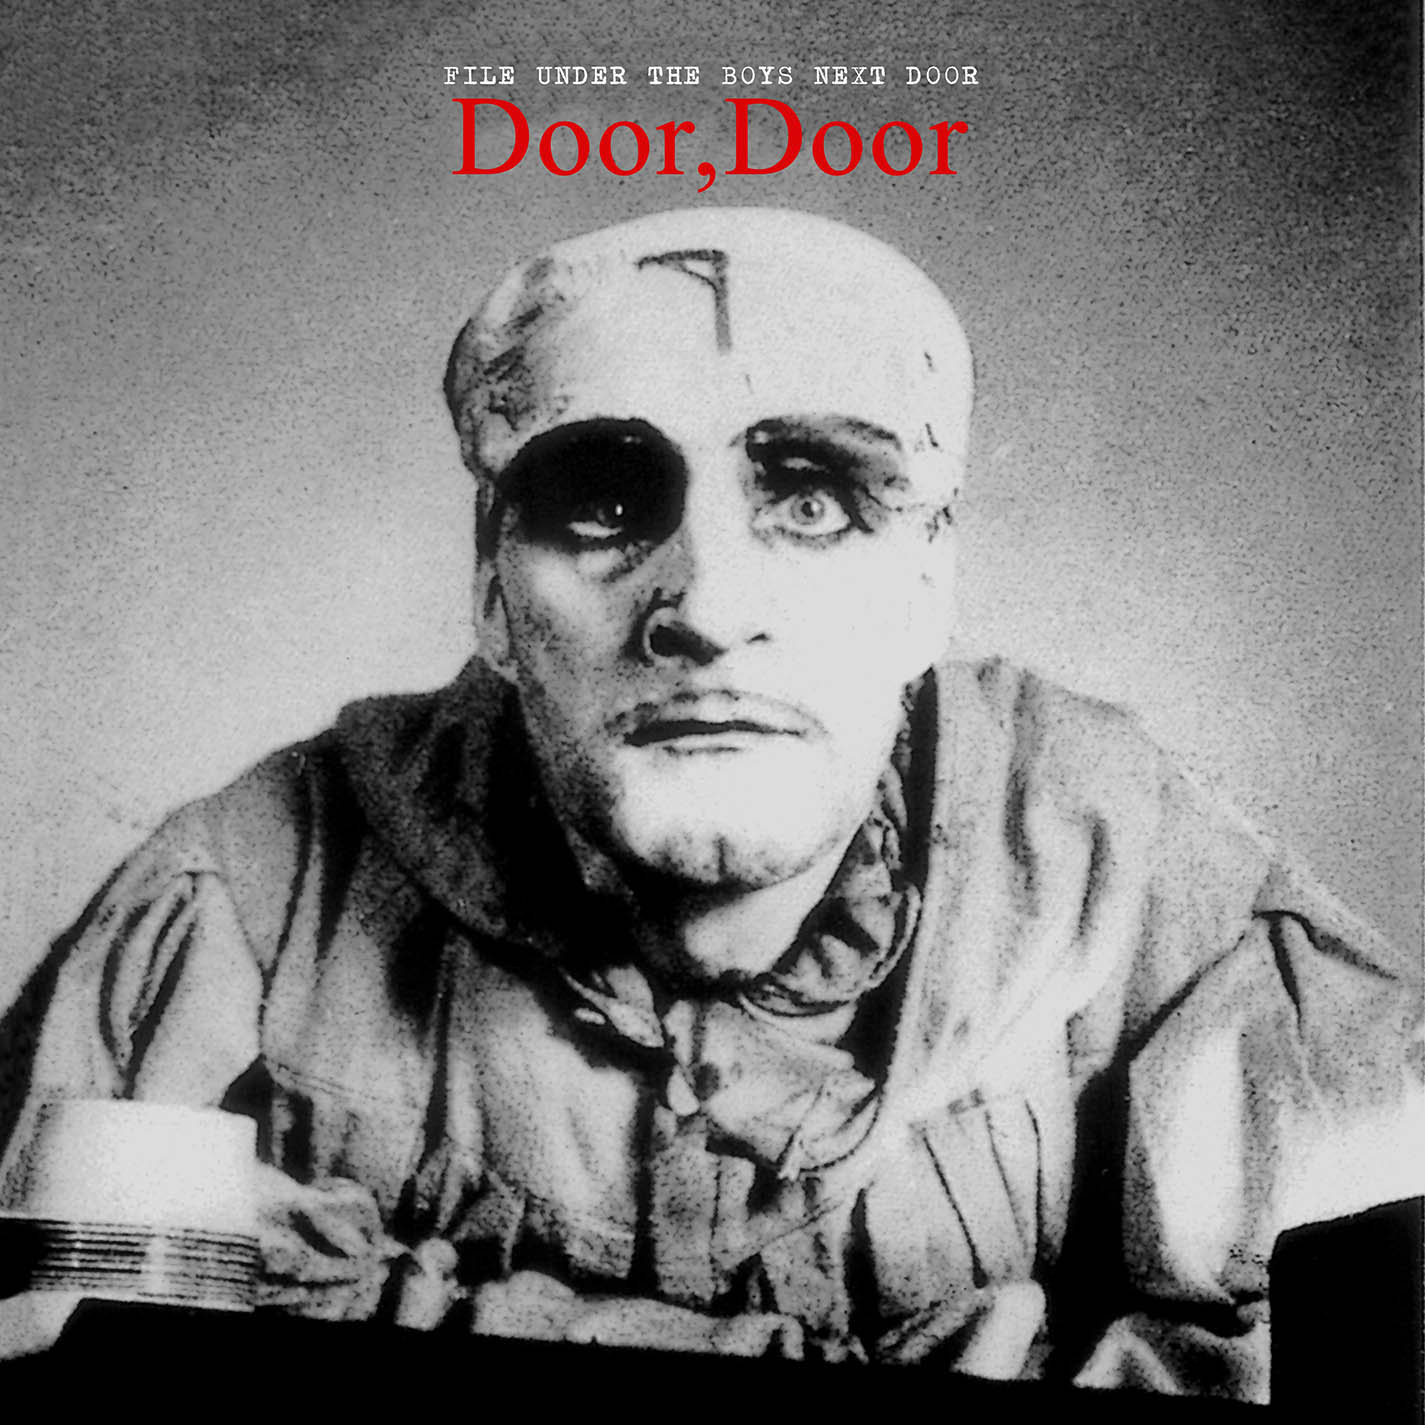 Door, Door (Red Vinyl) (Rsd) (Limited) - Boys Next Door - Musik - Warner Music - 5054197066856 - 26/9-2020